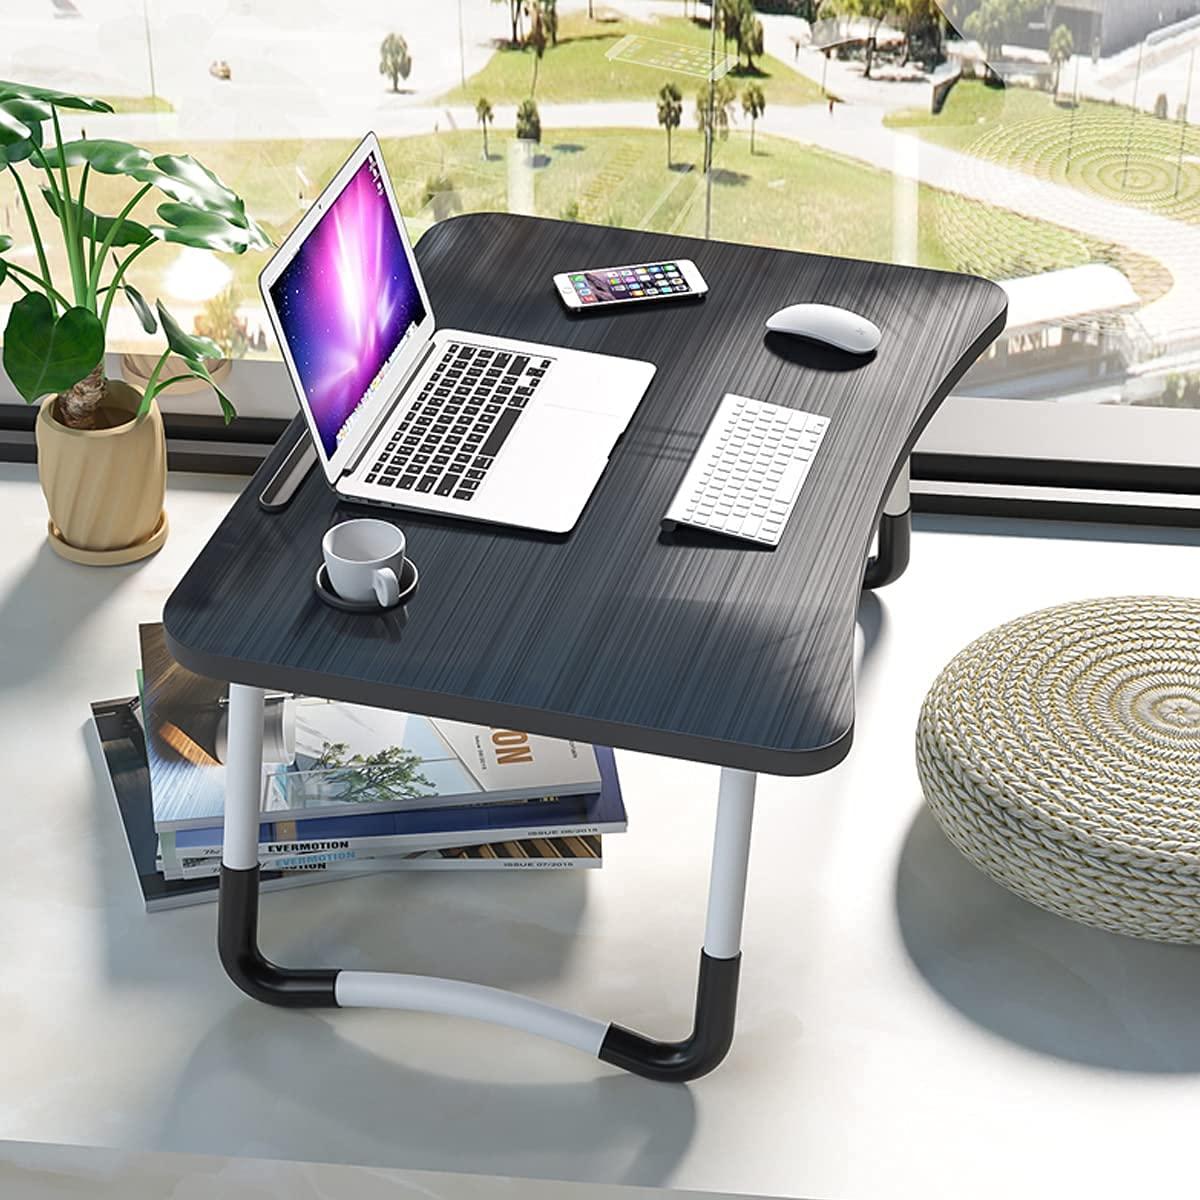 Mesa Plegable Para Notebook - HSQQ - 91F2QPBK